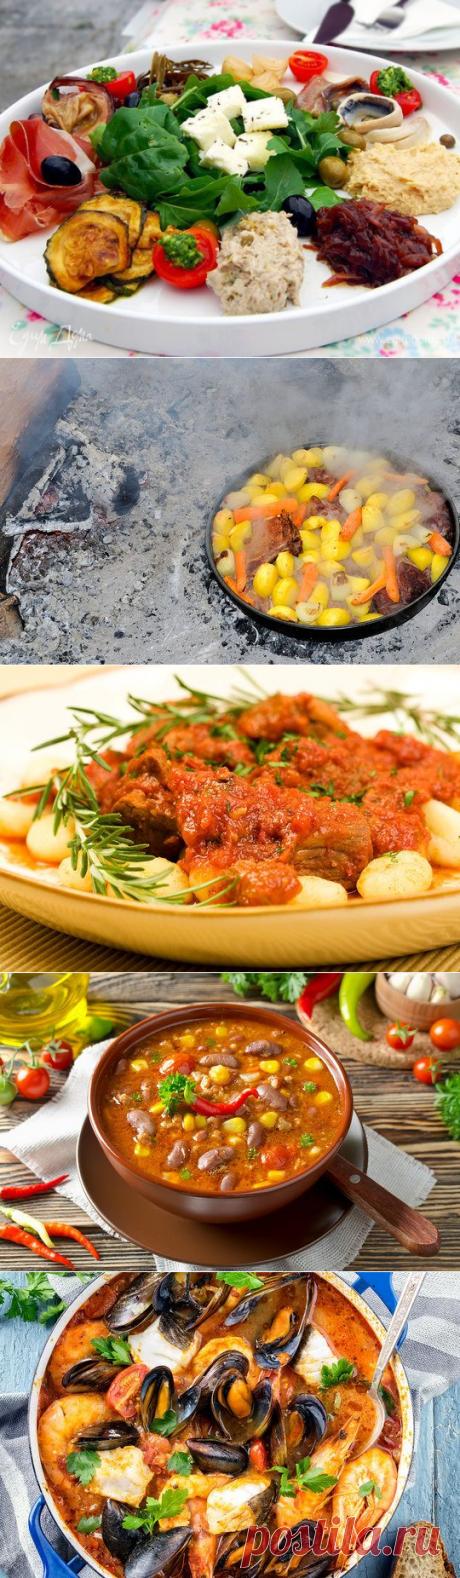 5 вкуснейших национальных блюд Хорватии!